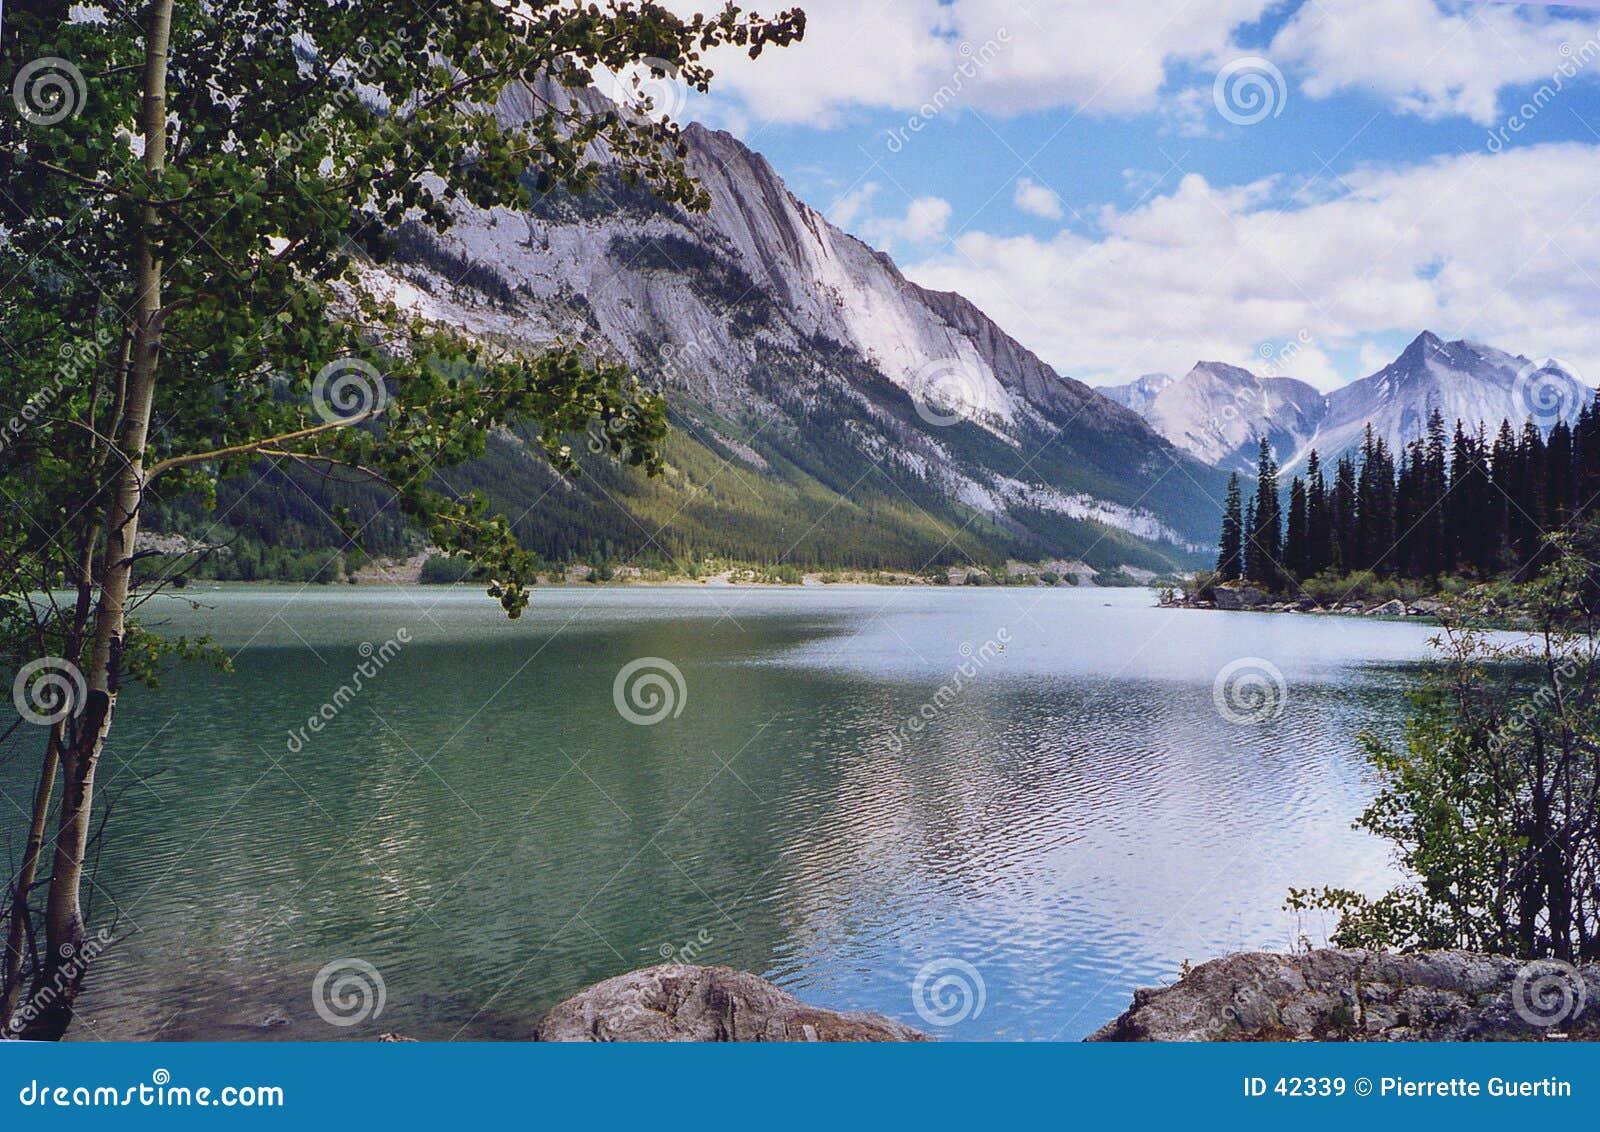 Lake góry skaliste góry leków